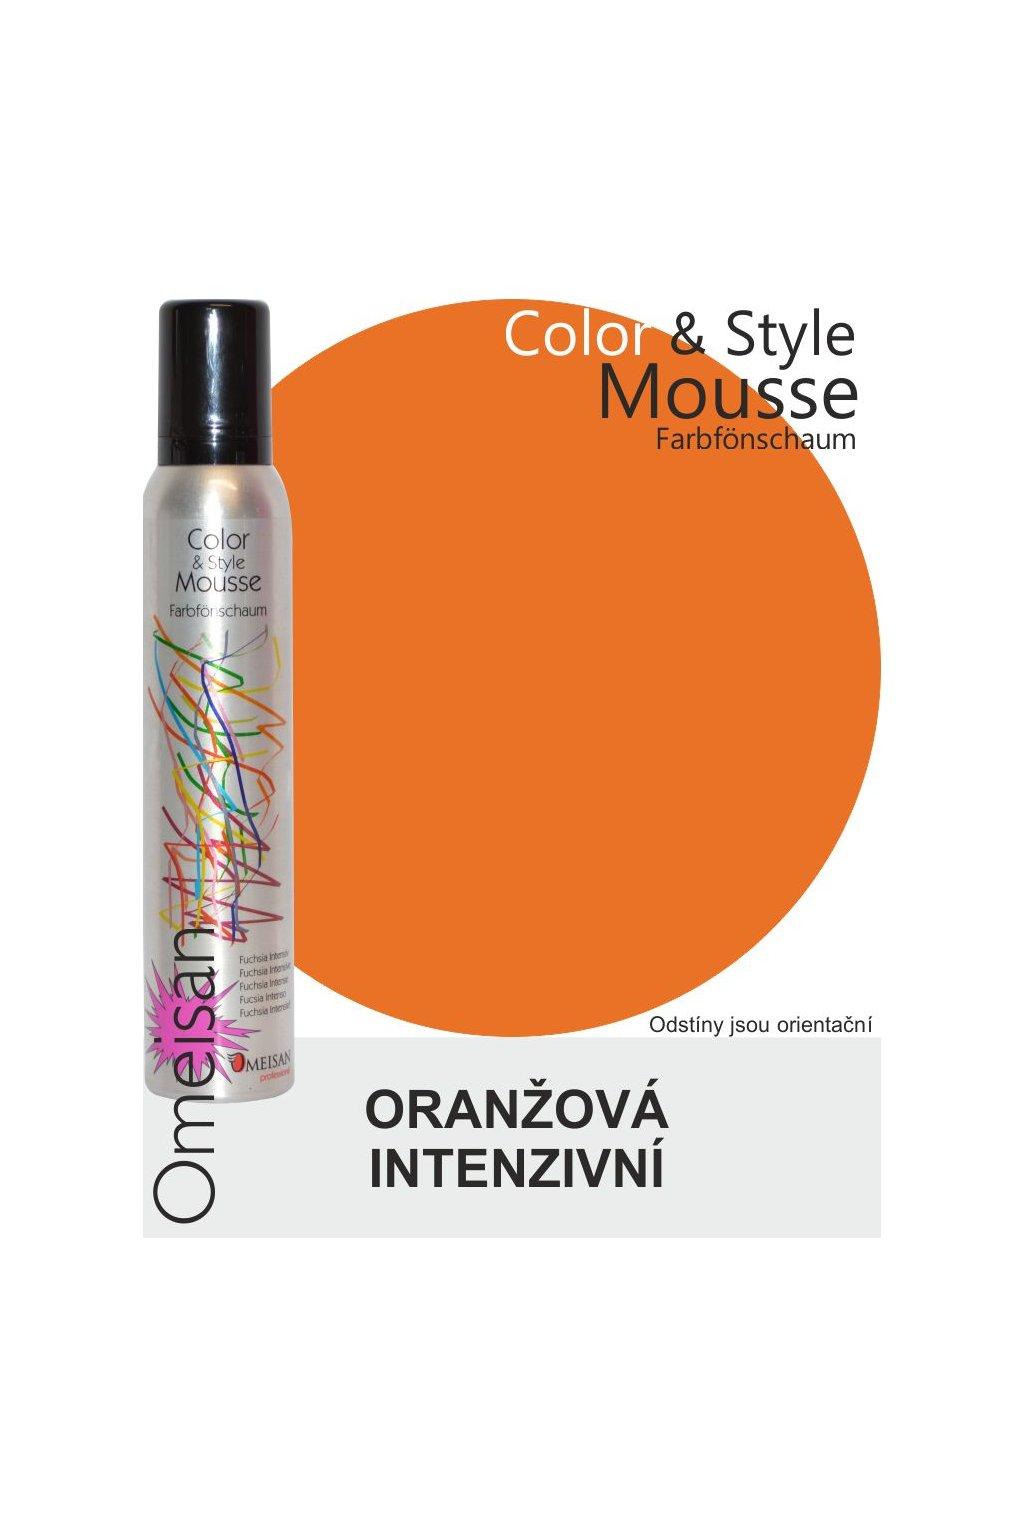 Omeisan Barevná pěna tužící Orange Intensiv 200ml Oranžová intenzivní